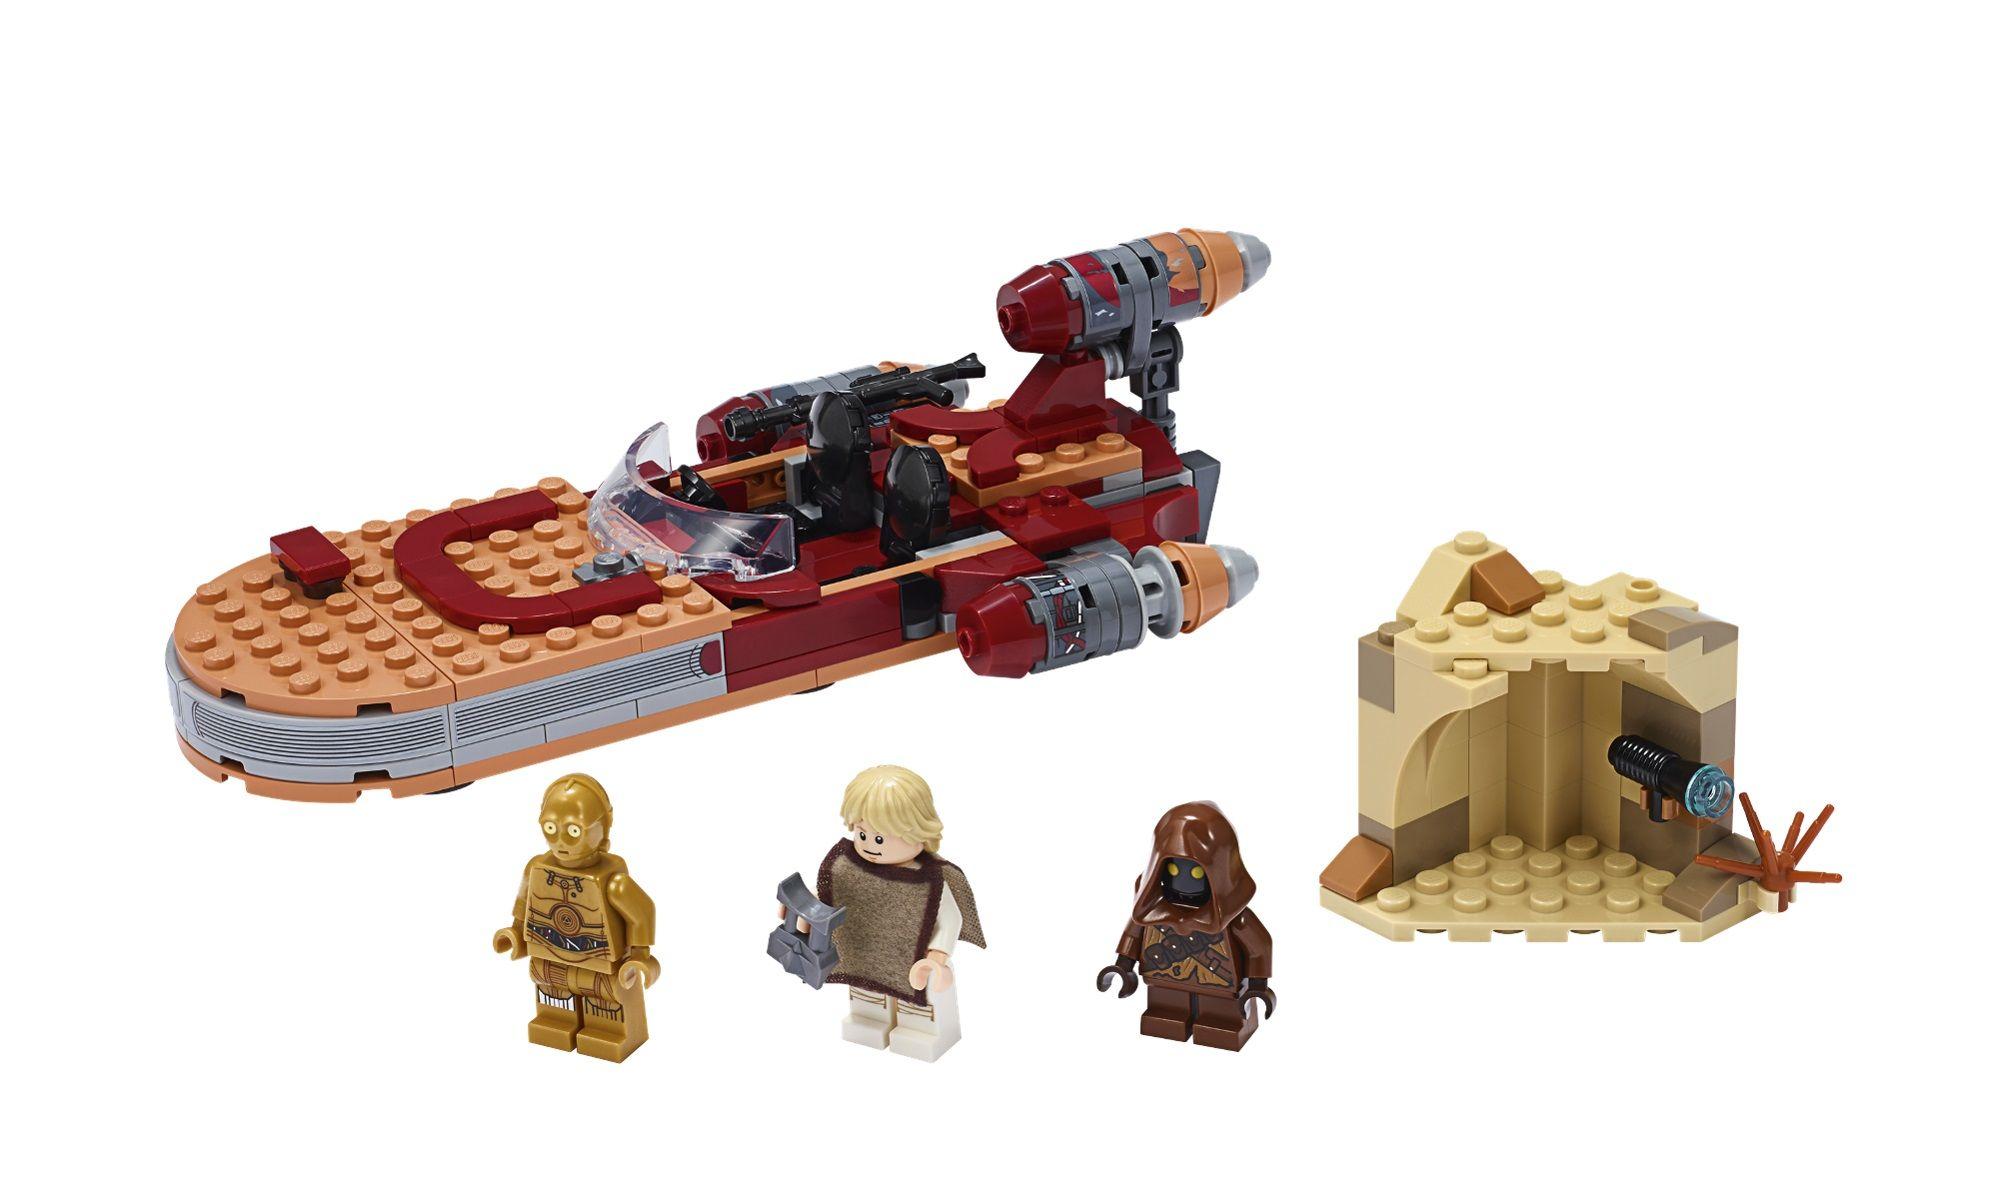 Das Sind Die Ersten Lego Star Wars Sets Im Jahr 2020 Lego Star Wars Star Wars Luke Skywalker Lego Star Wars Sets